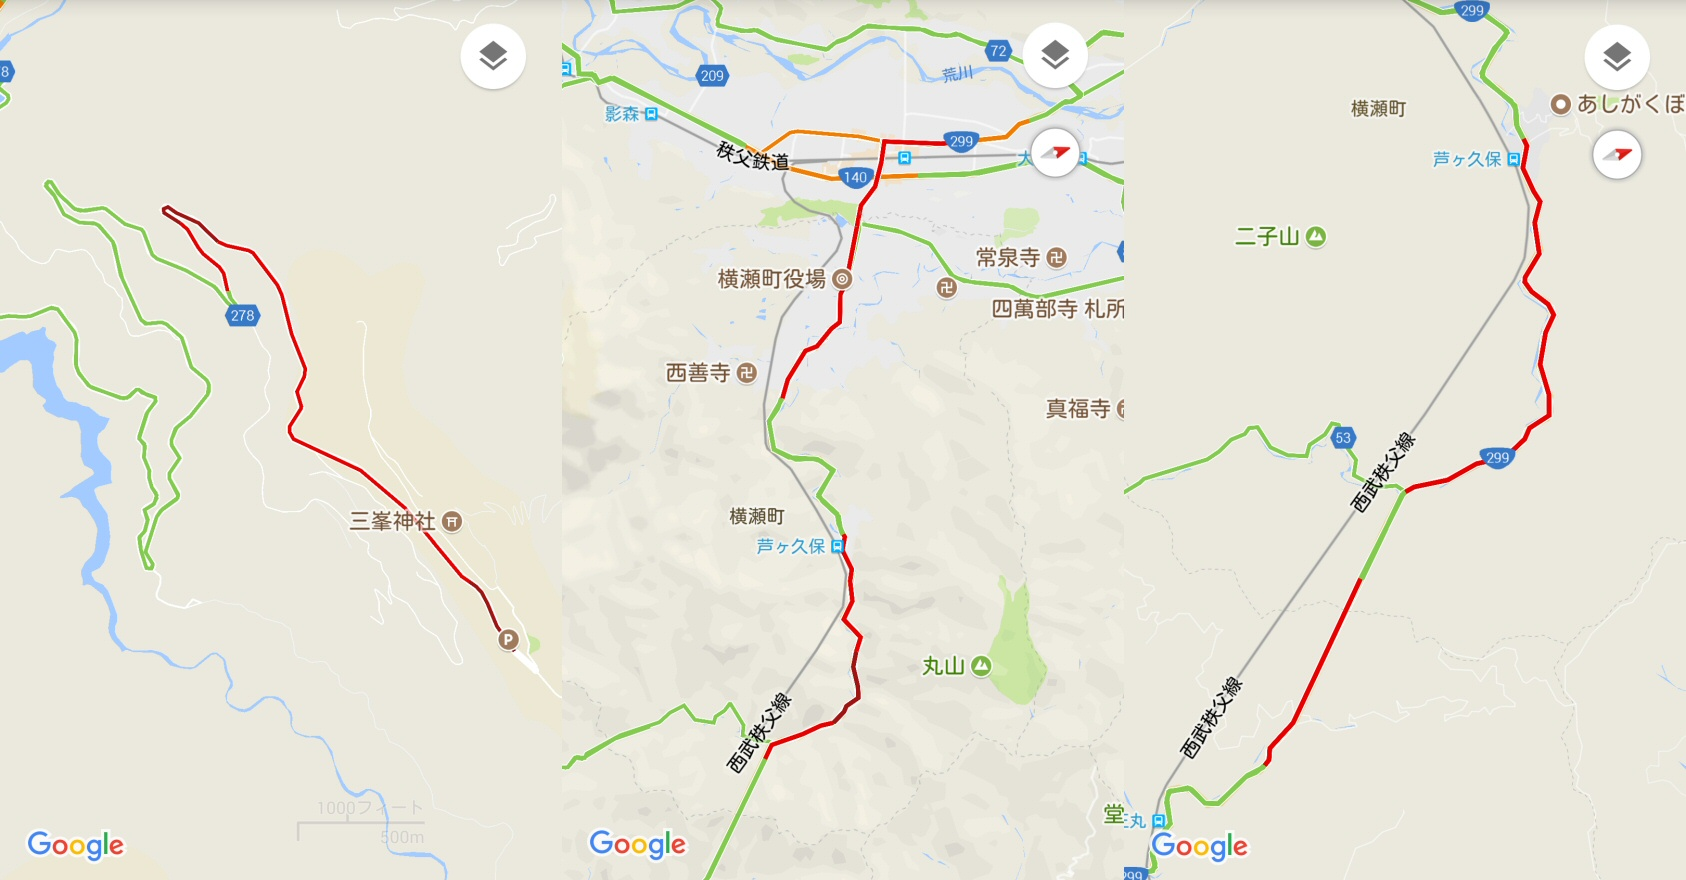 三峯神社 毎月1日の白い御守り頒布について【過去記事分 ...